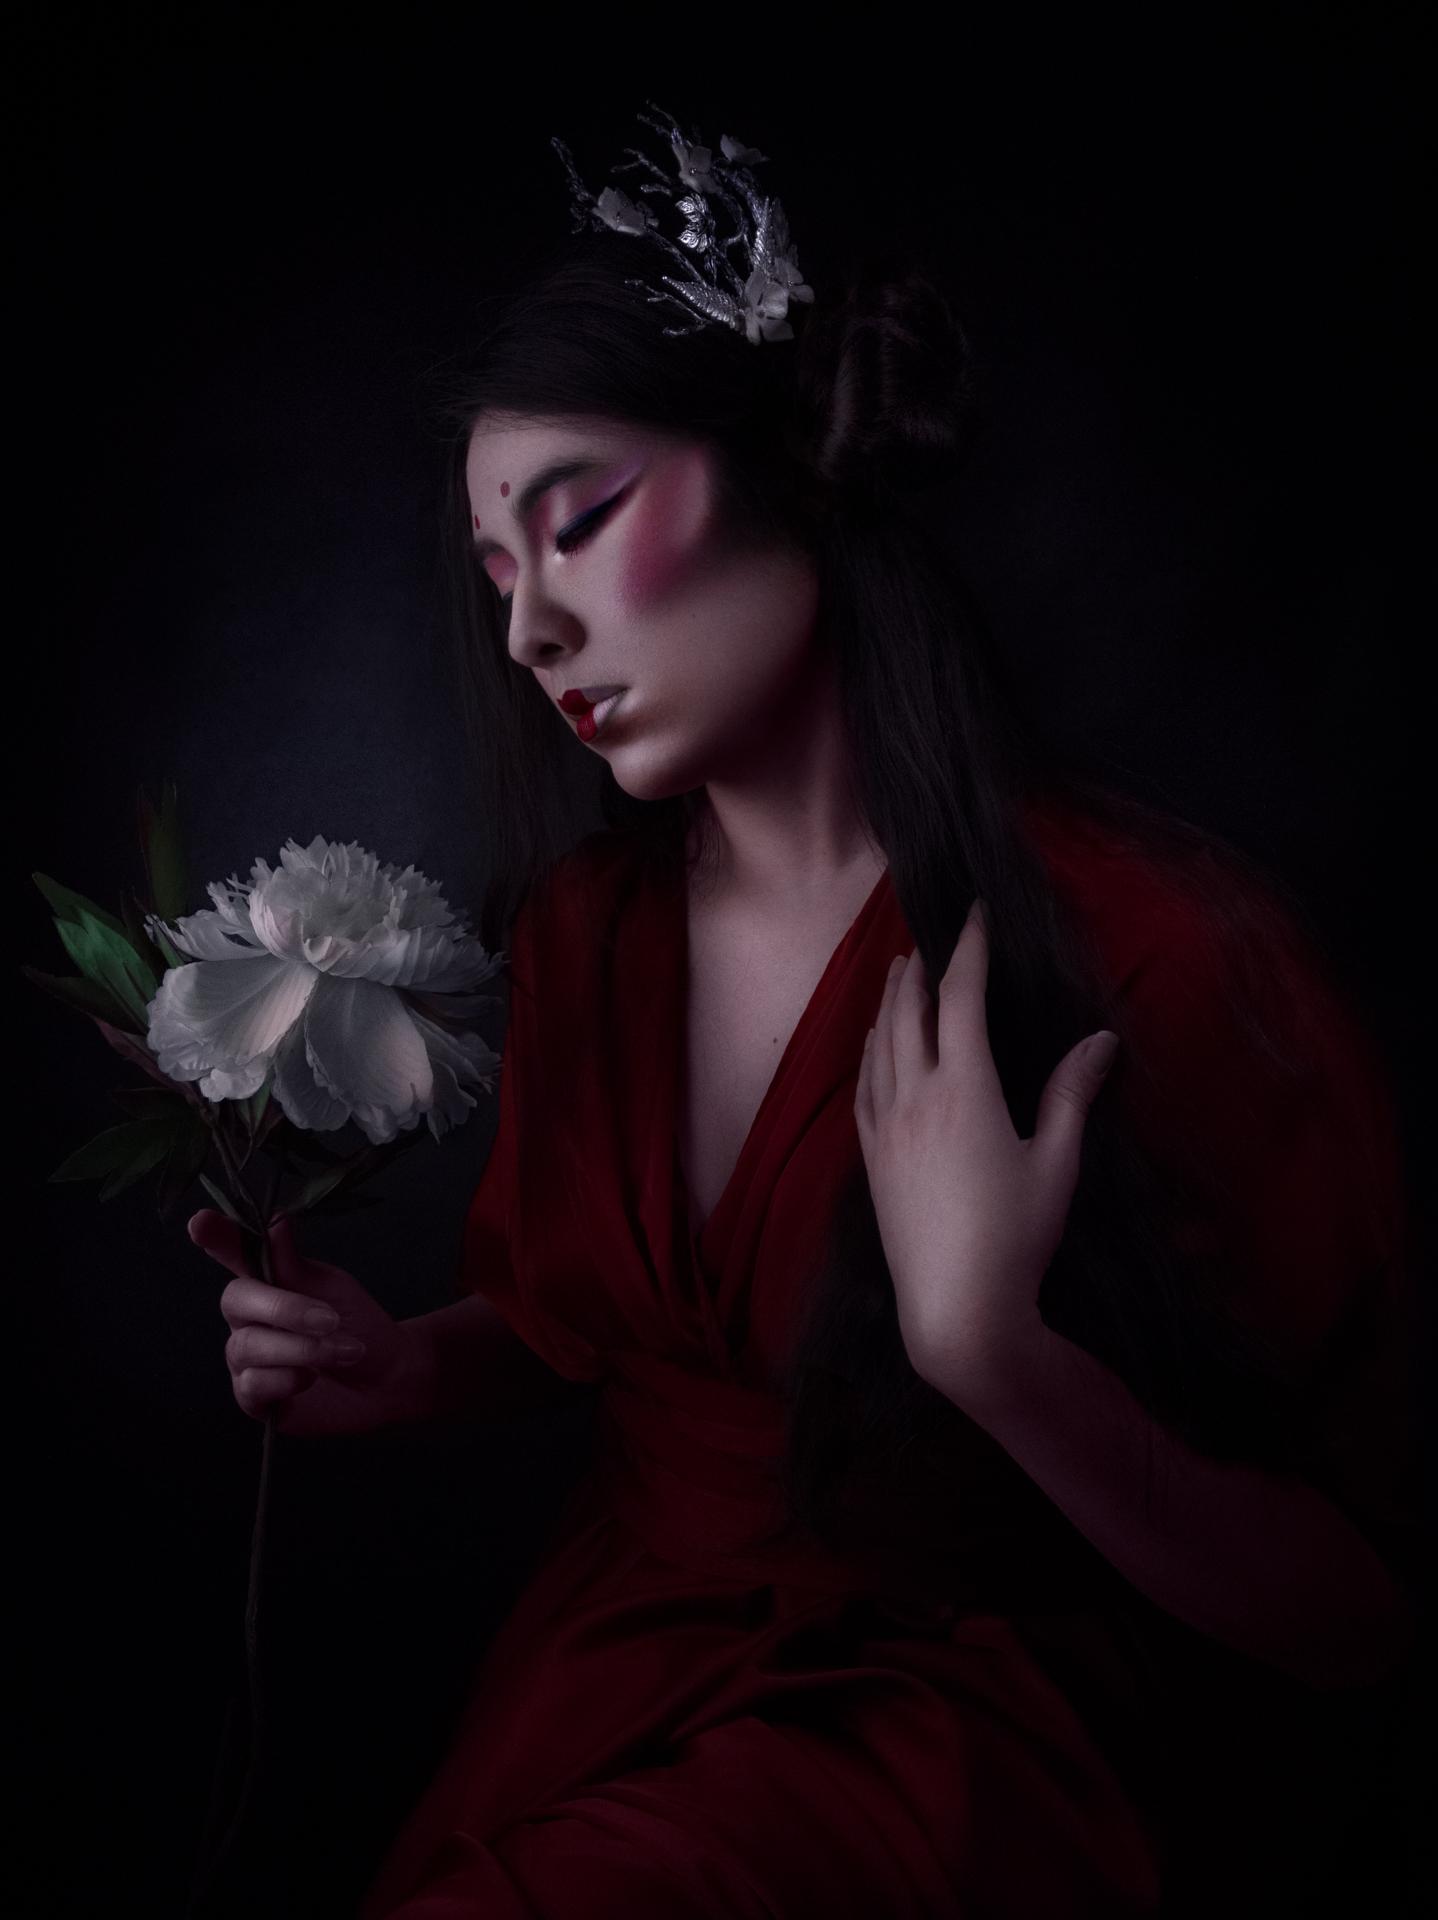 Triptyque : La geisha habillée de rouge. Elle se tient de profil. Un peigne est fixé dans sa longue chevelure. Les yeux clos, elle semble pourtant contempler une fleur blanche.